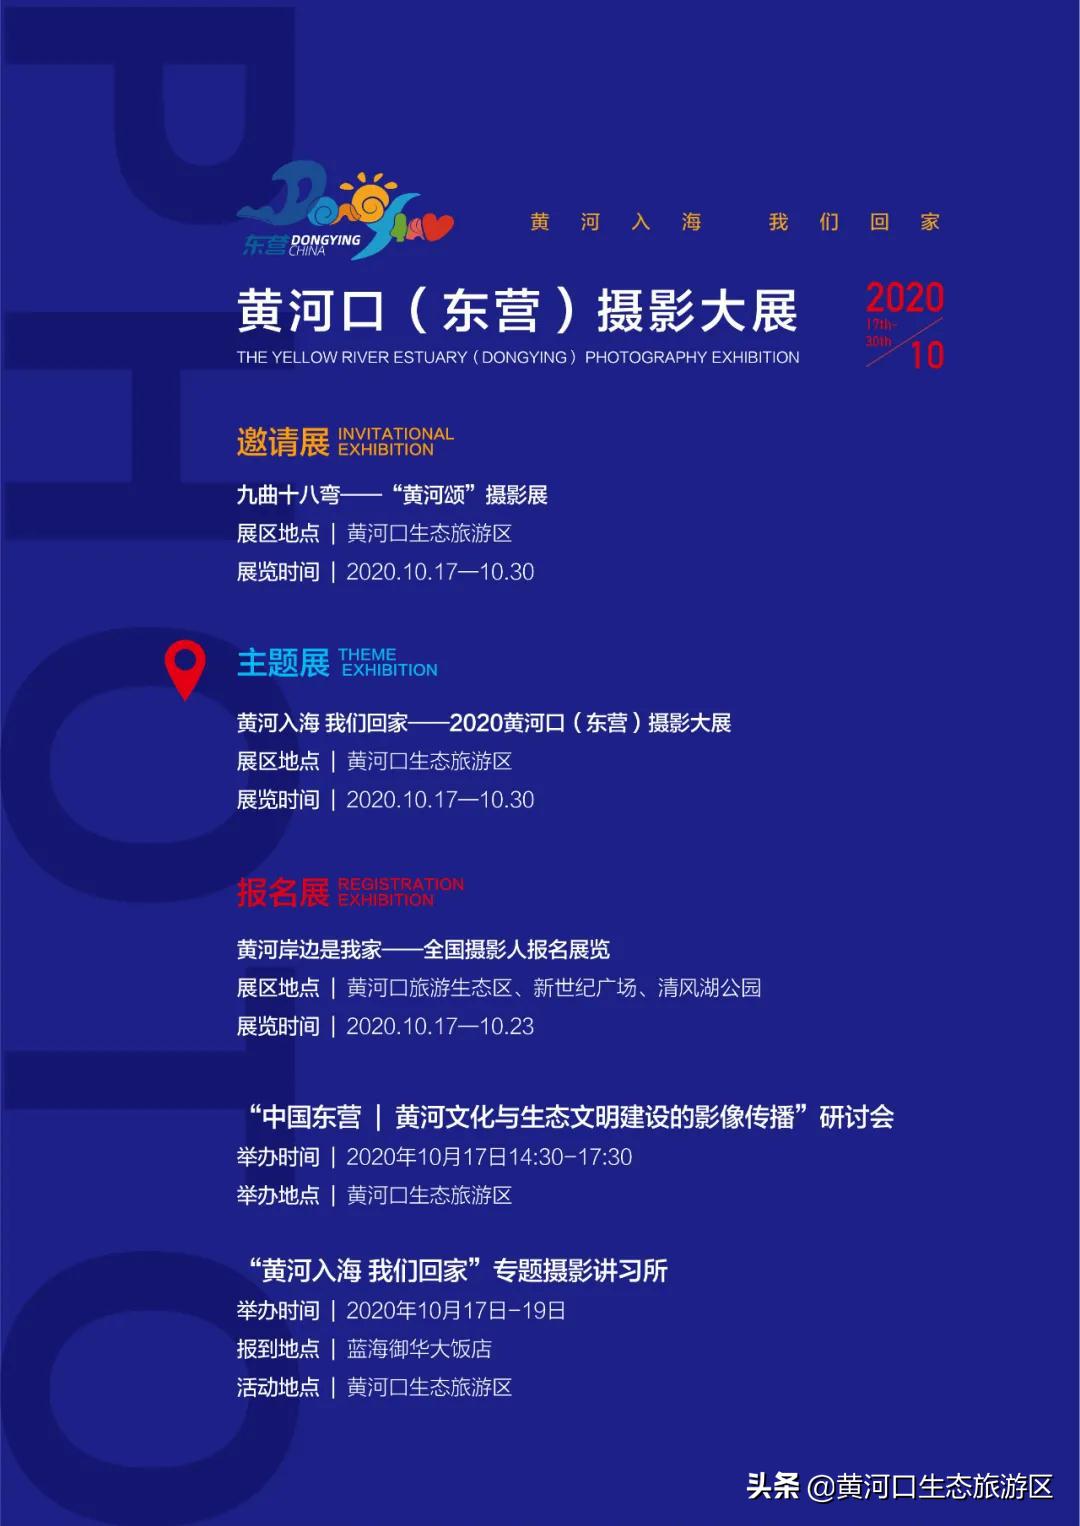 【2020黄河口(东营)摄影大展】让摄影告诉世界,中国有个东营!10月17日华丽绽放定格美丽瞬间